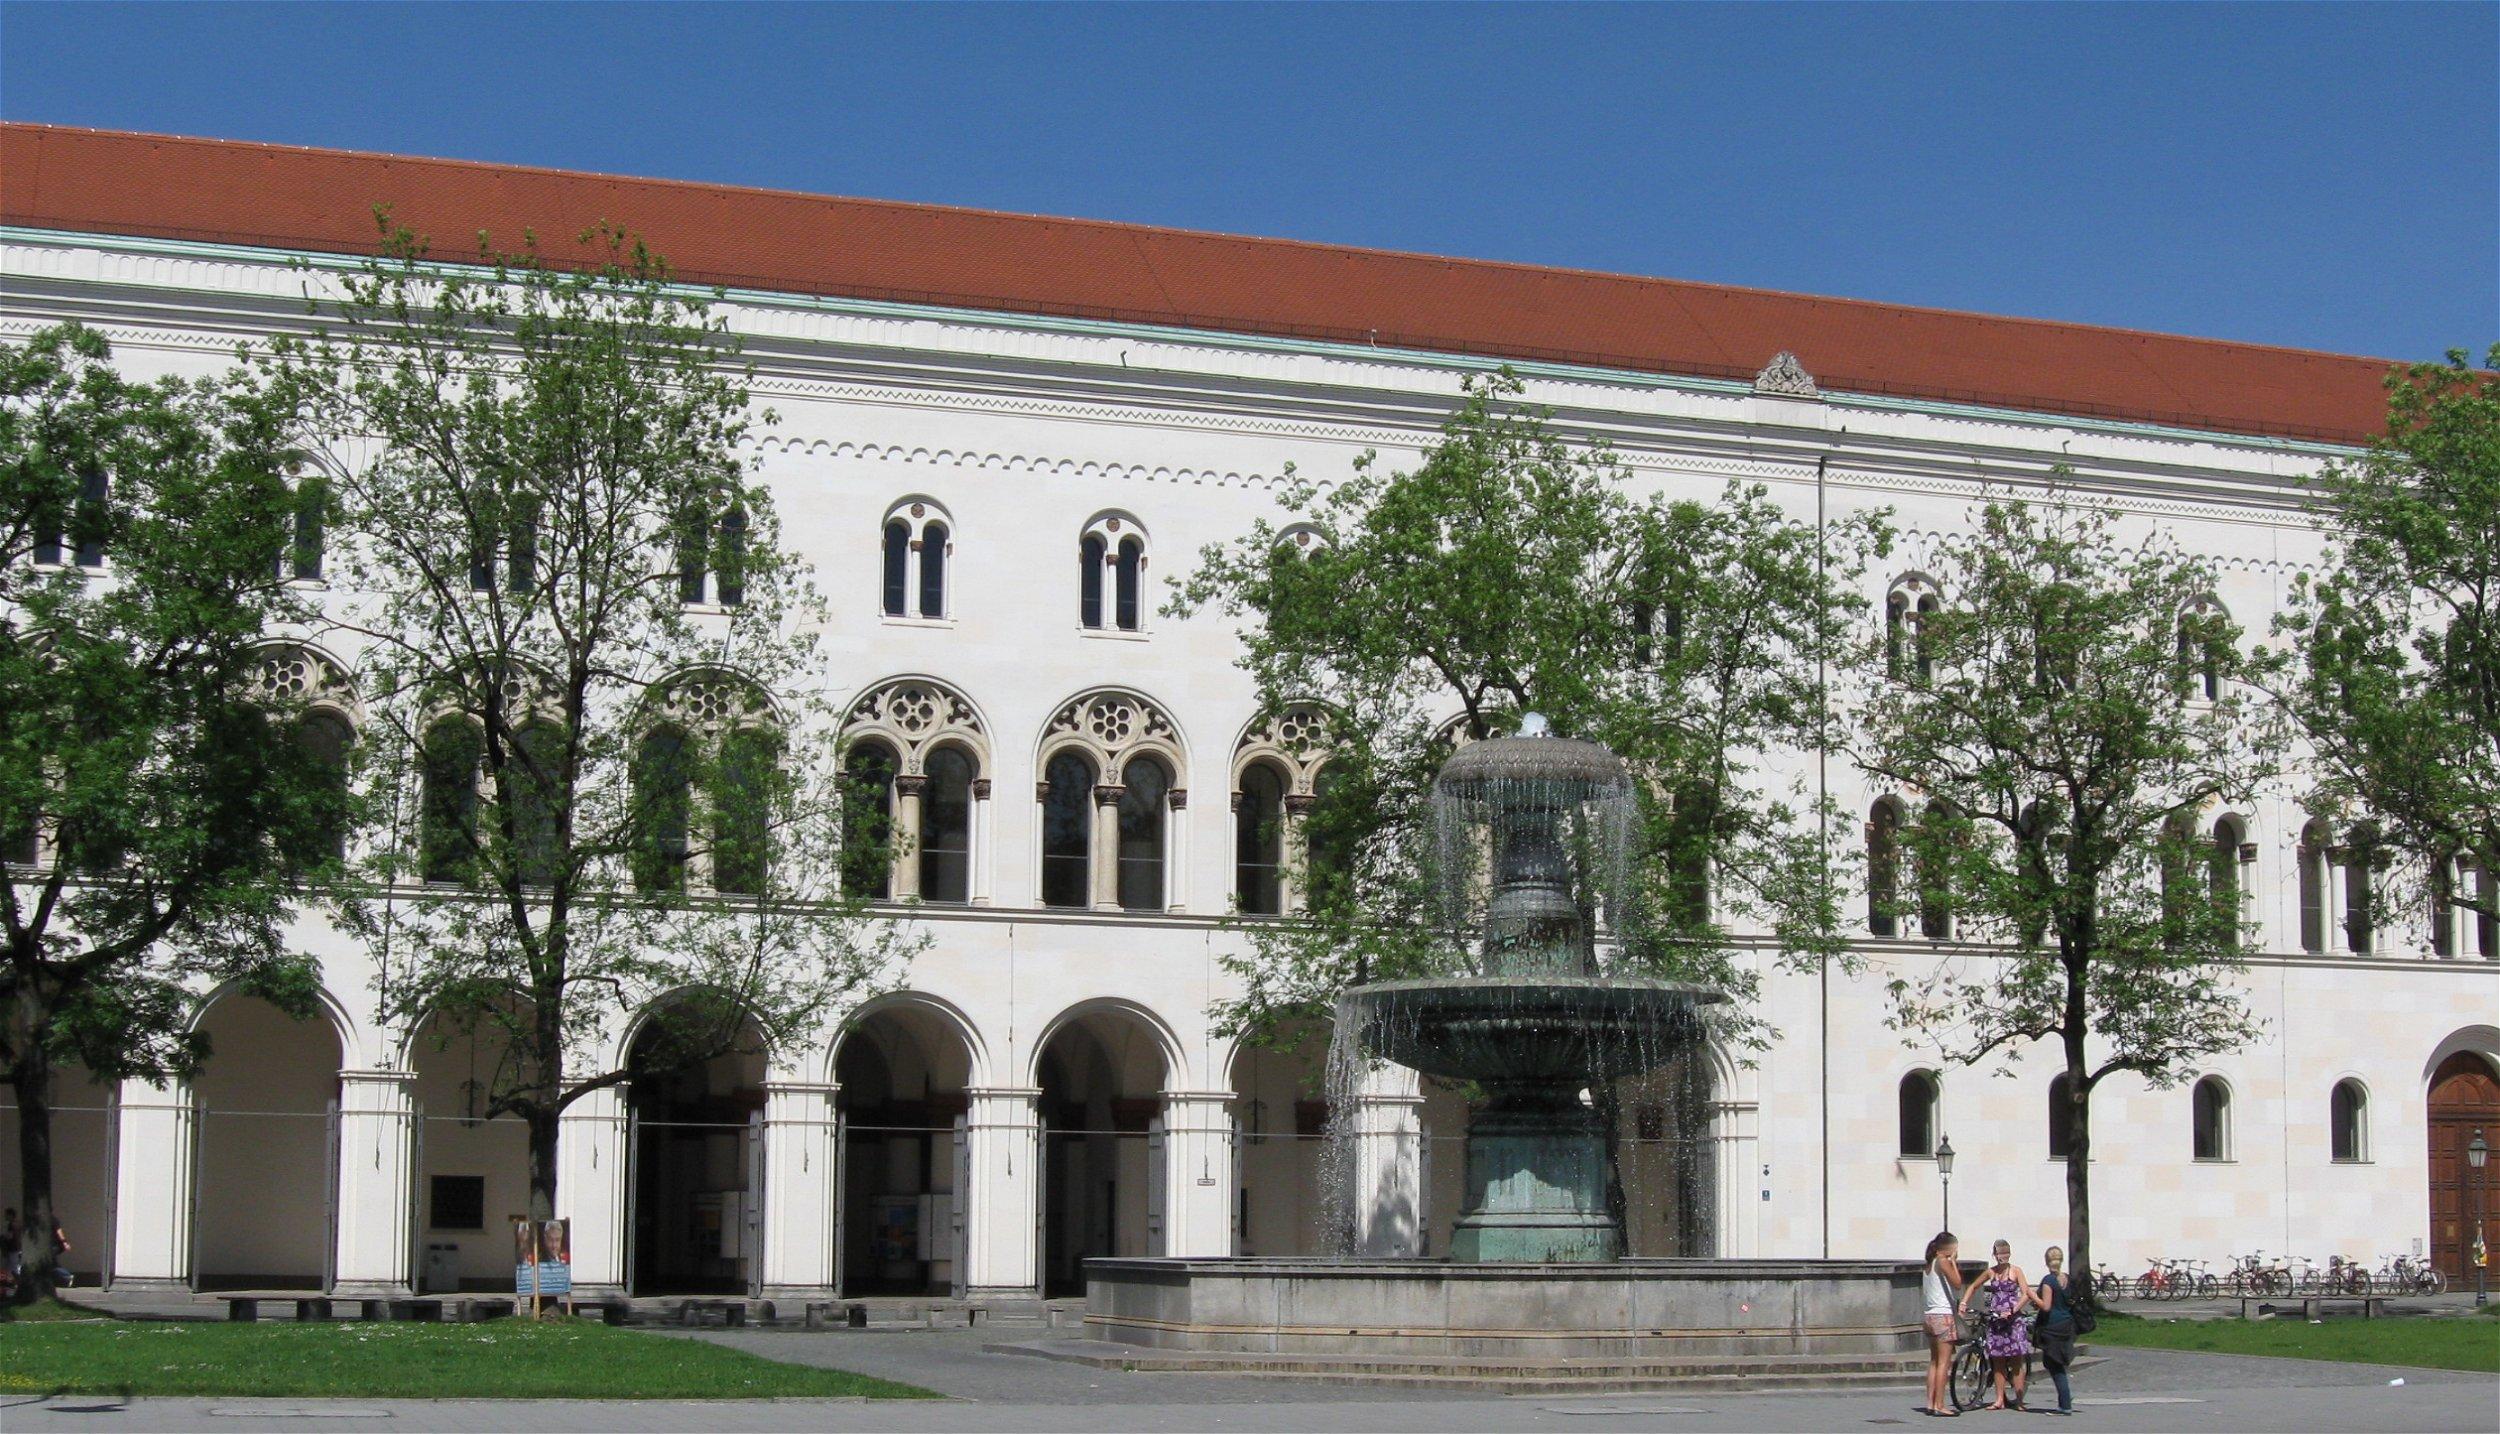 Αυτά είναι τα Γερμανικά Πανεπιστήμια με την καλύτερη Παγκόσμια Φήμη